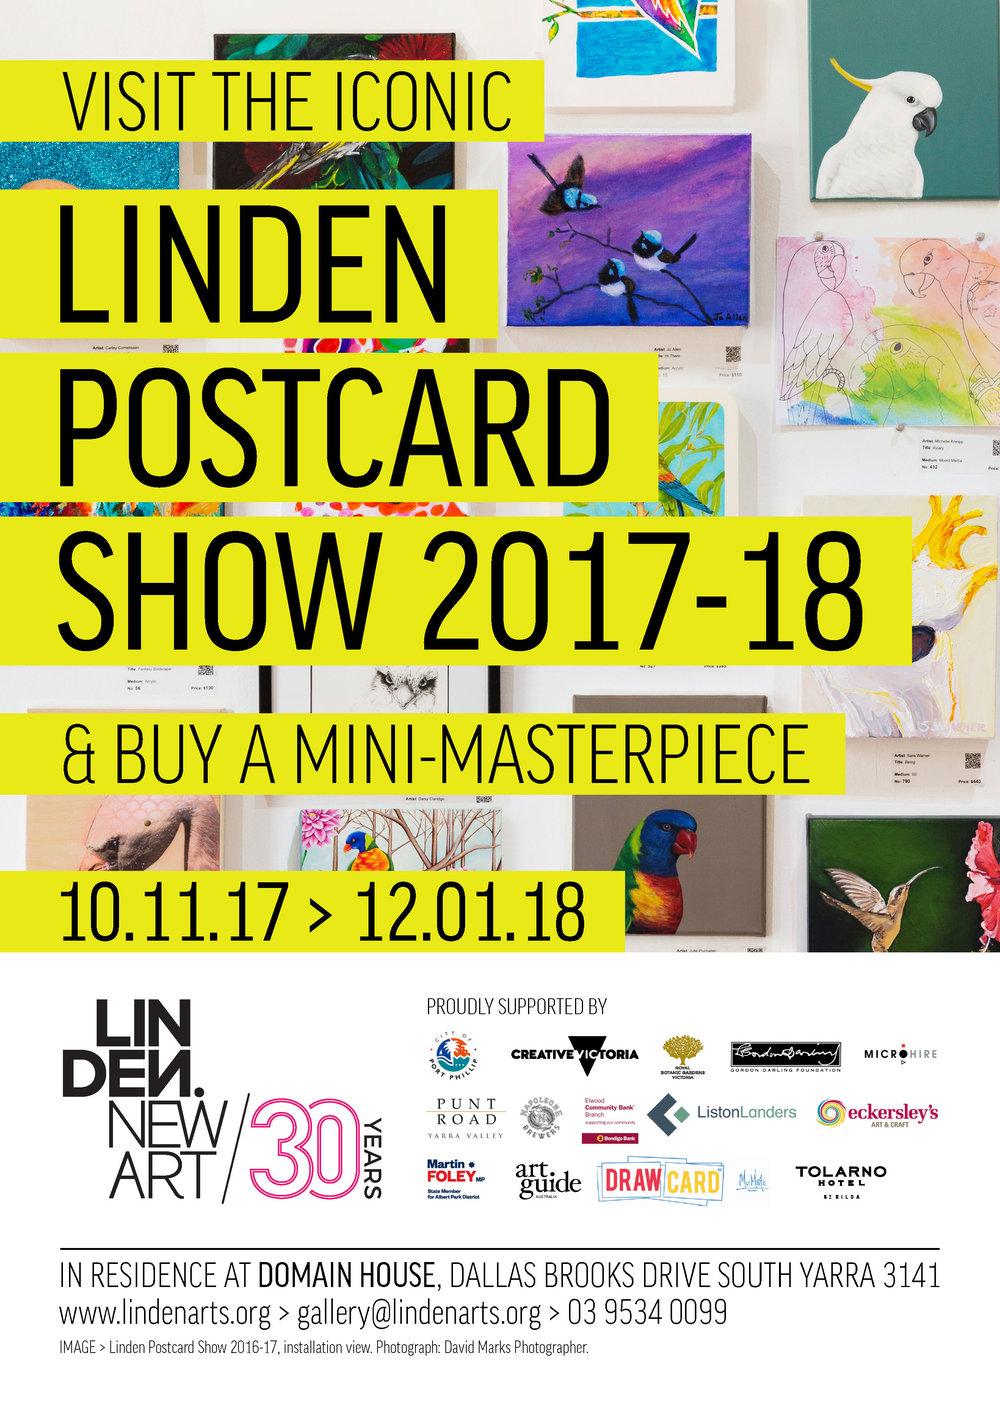 Visit_the_Linden_Postcard_Show_2017_18.jpg